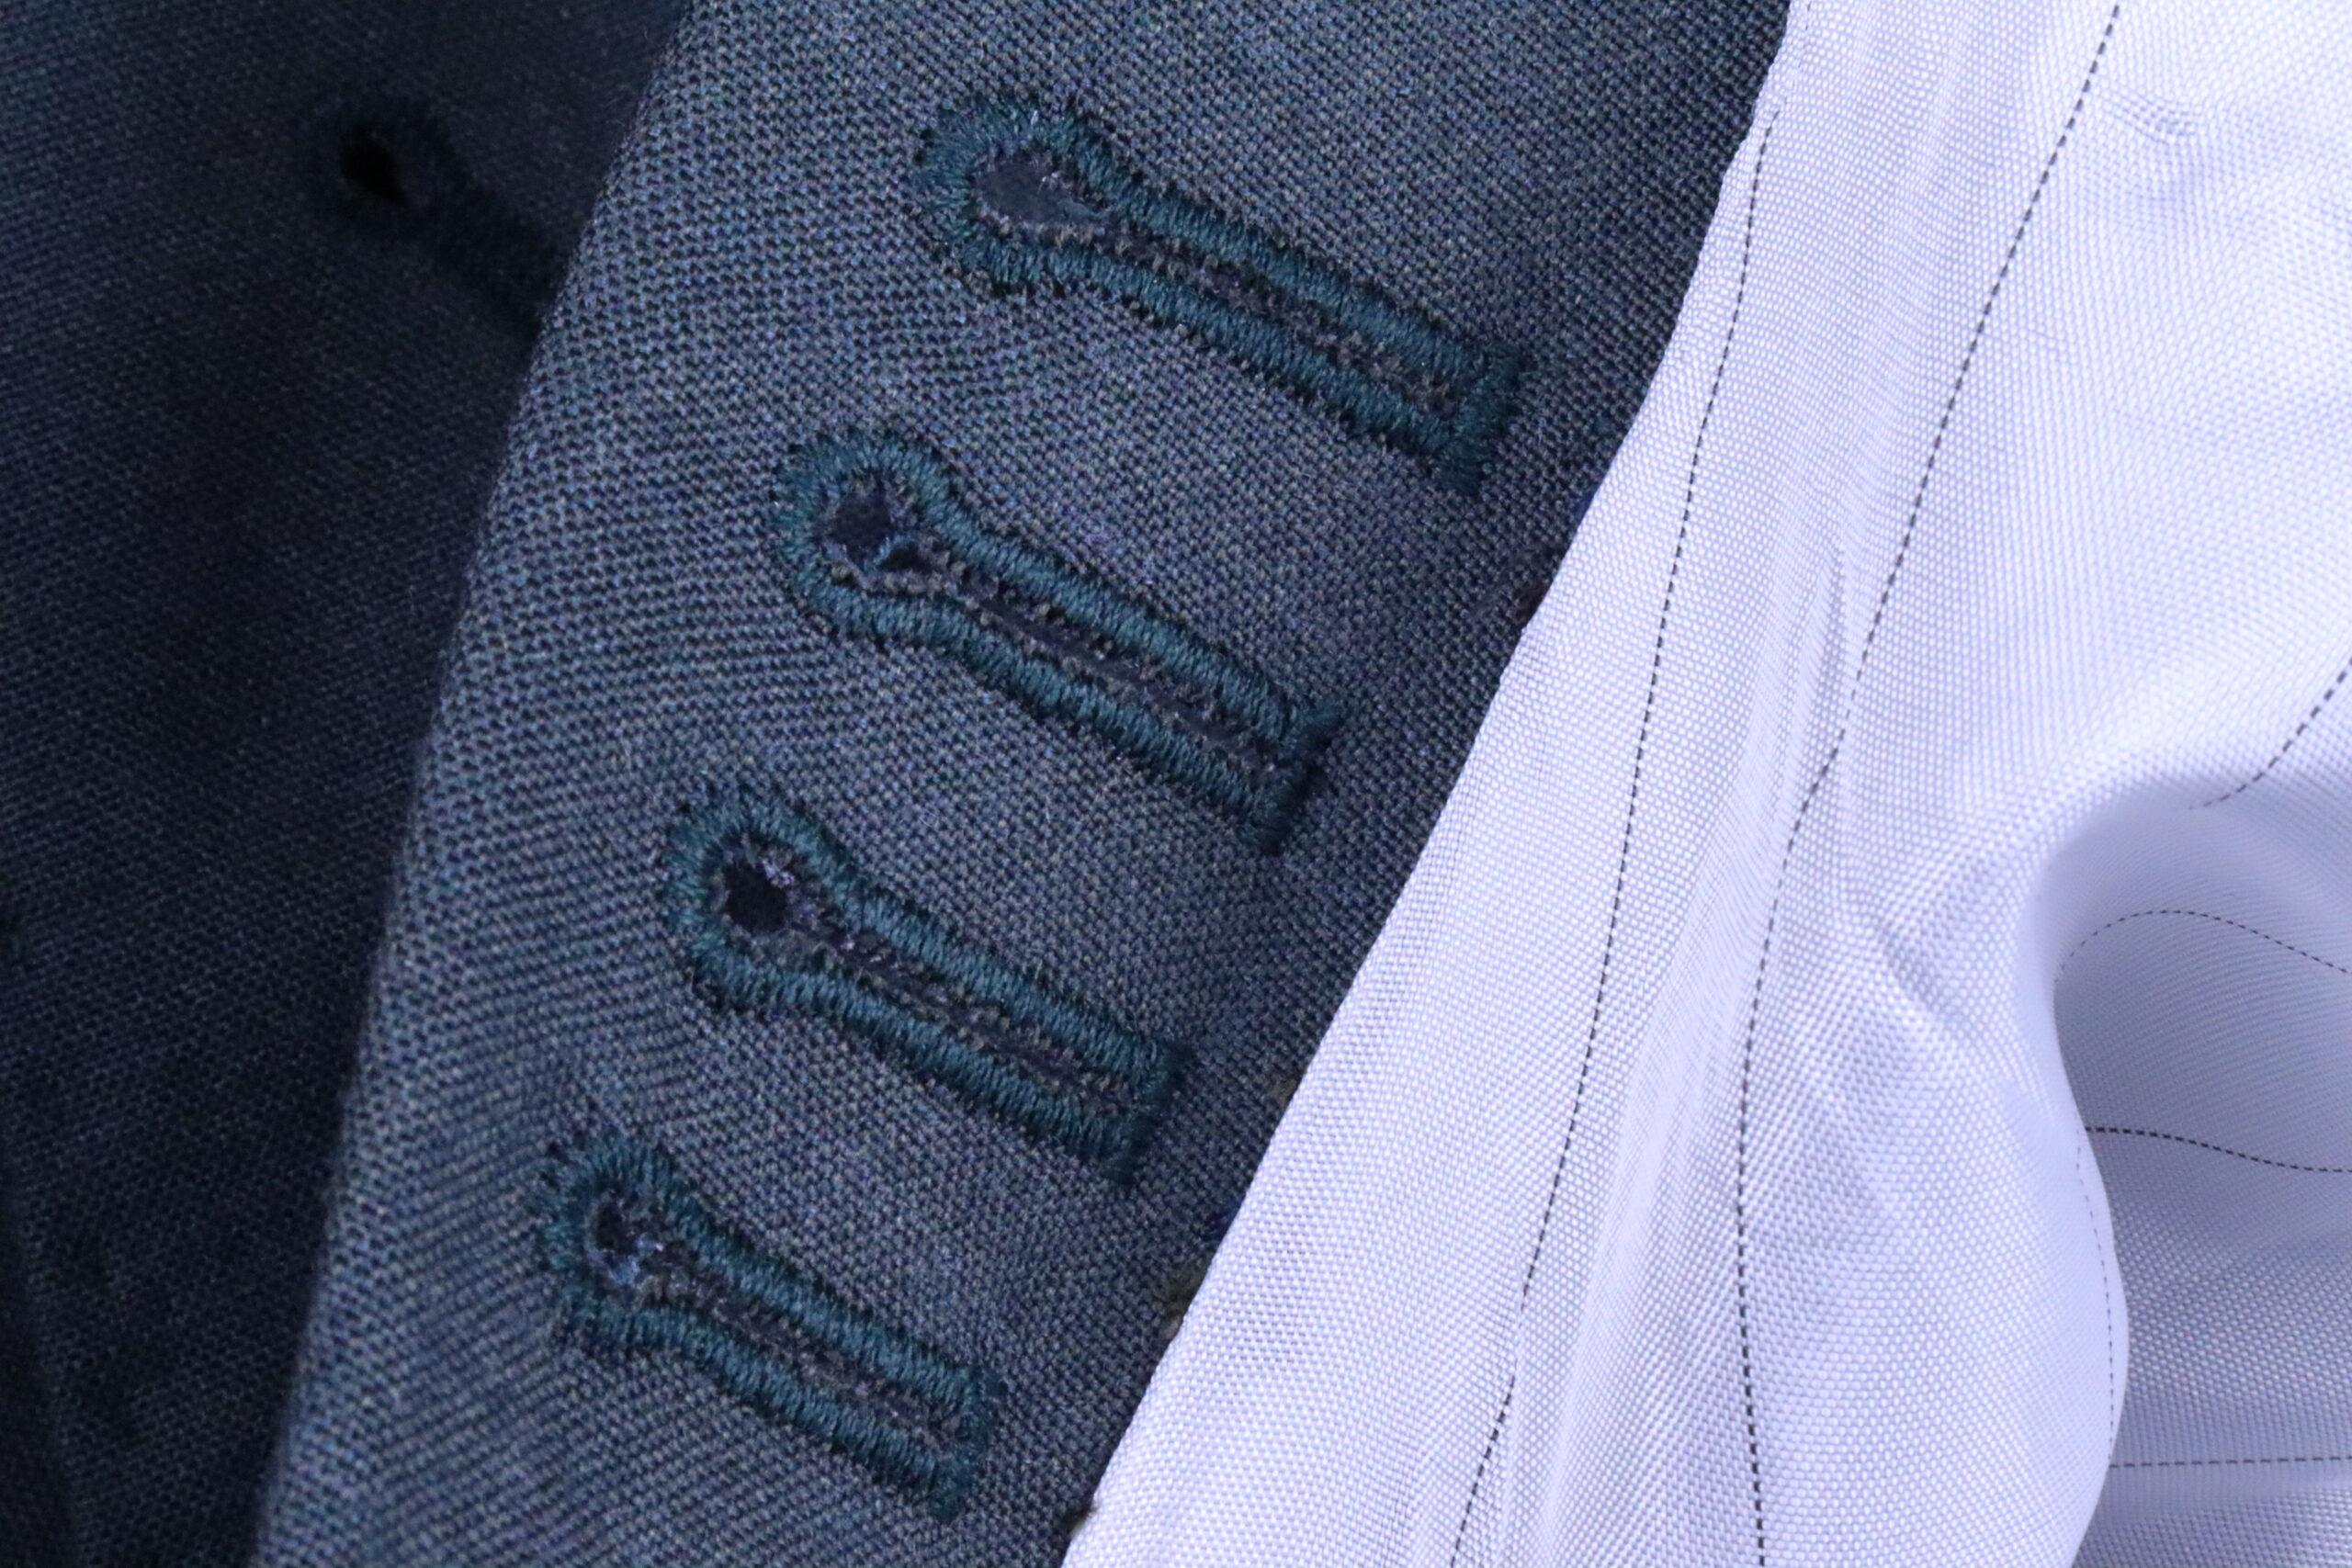 Envers d'une boutonnière machine sur un costume MTO espagnol (source: sartorialisme)